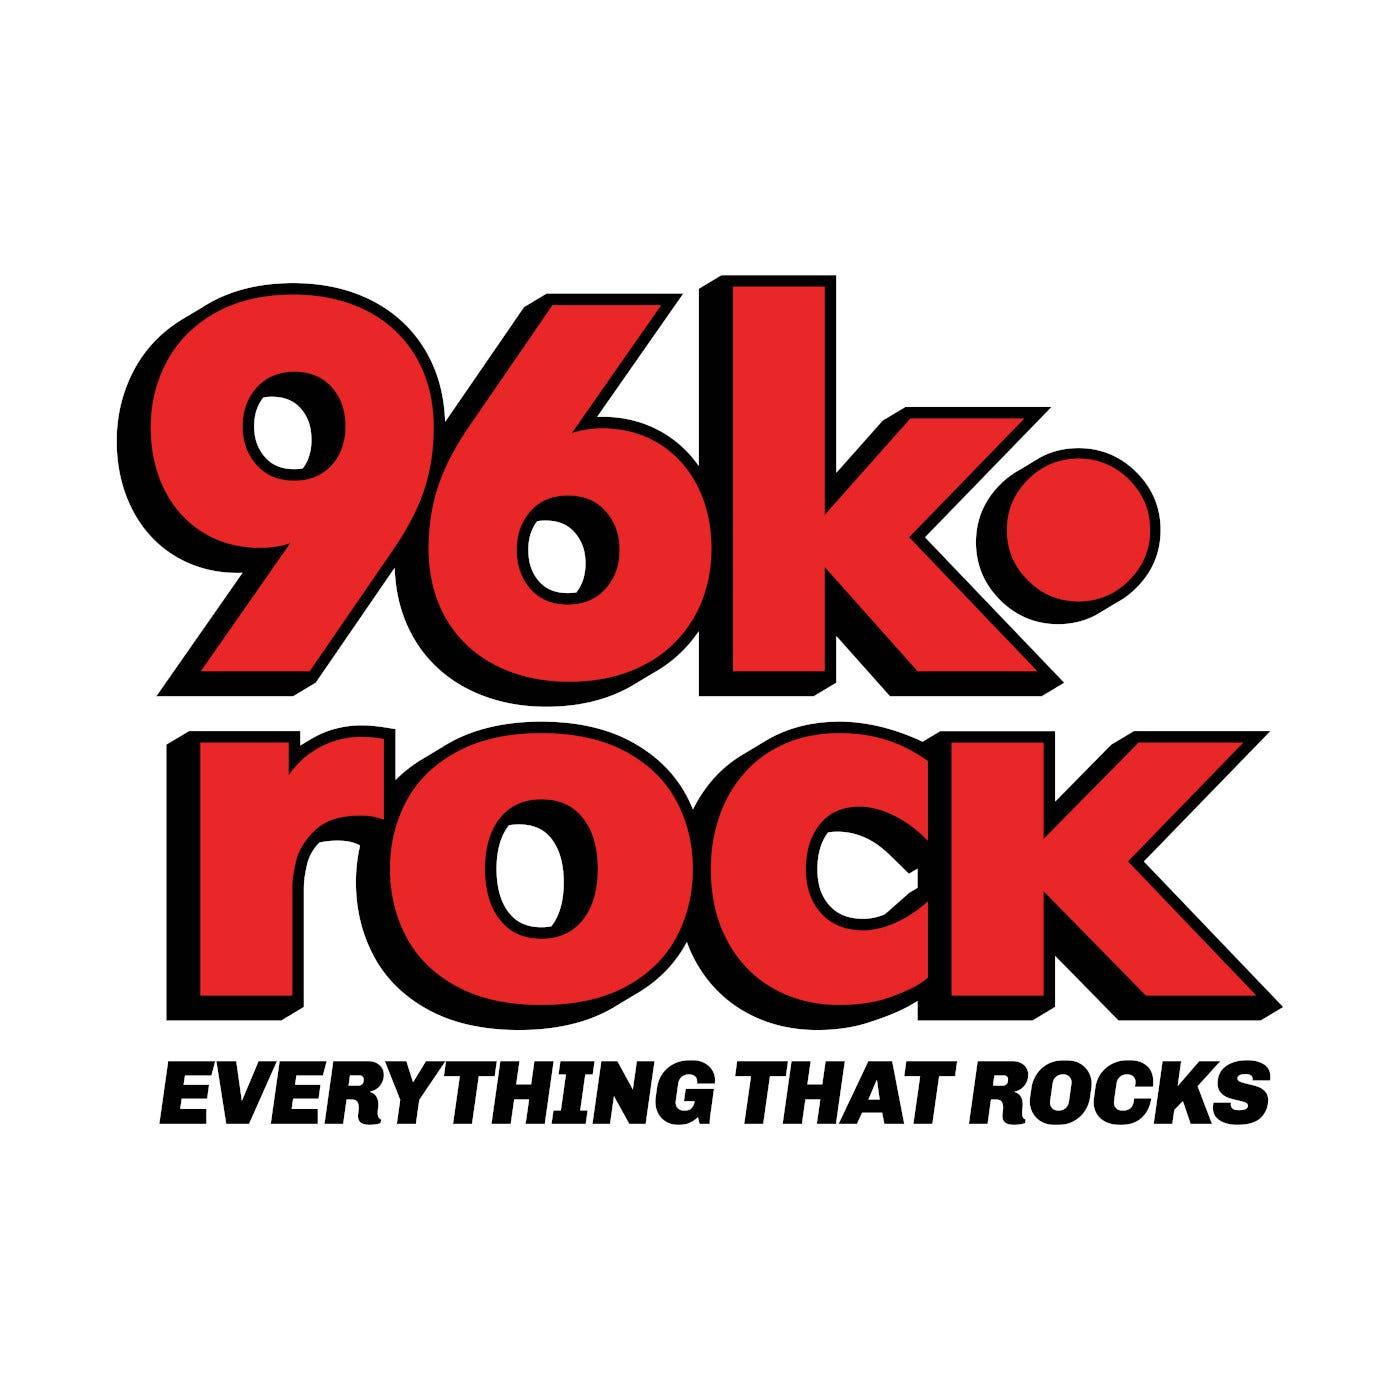 96 k-rock